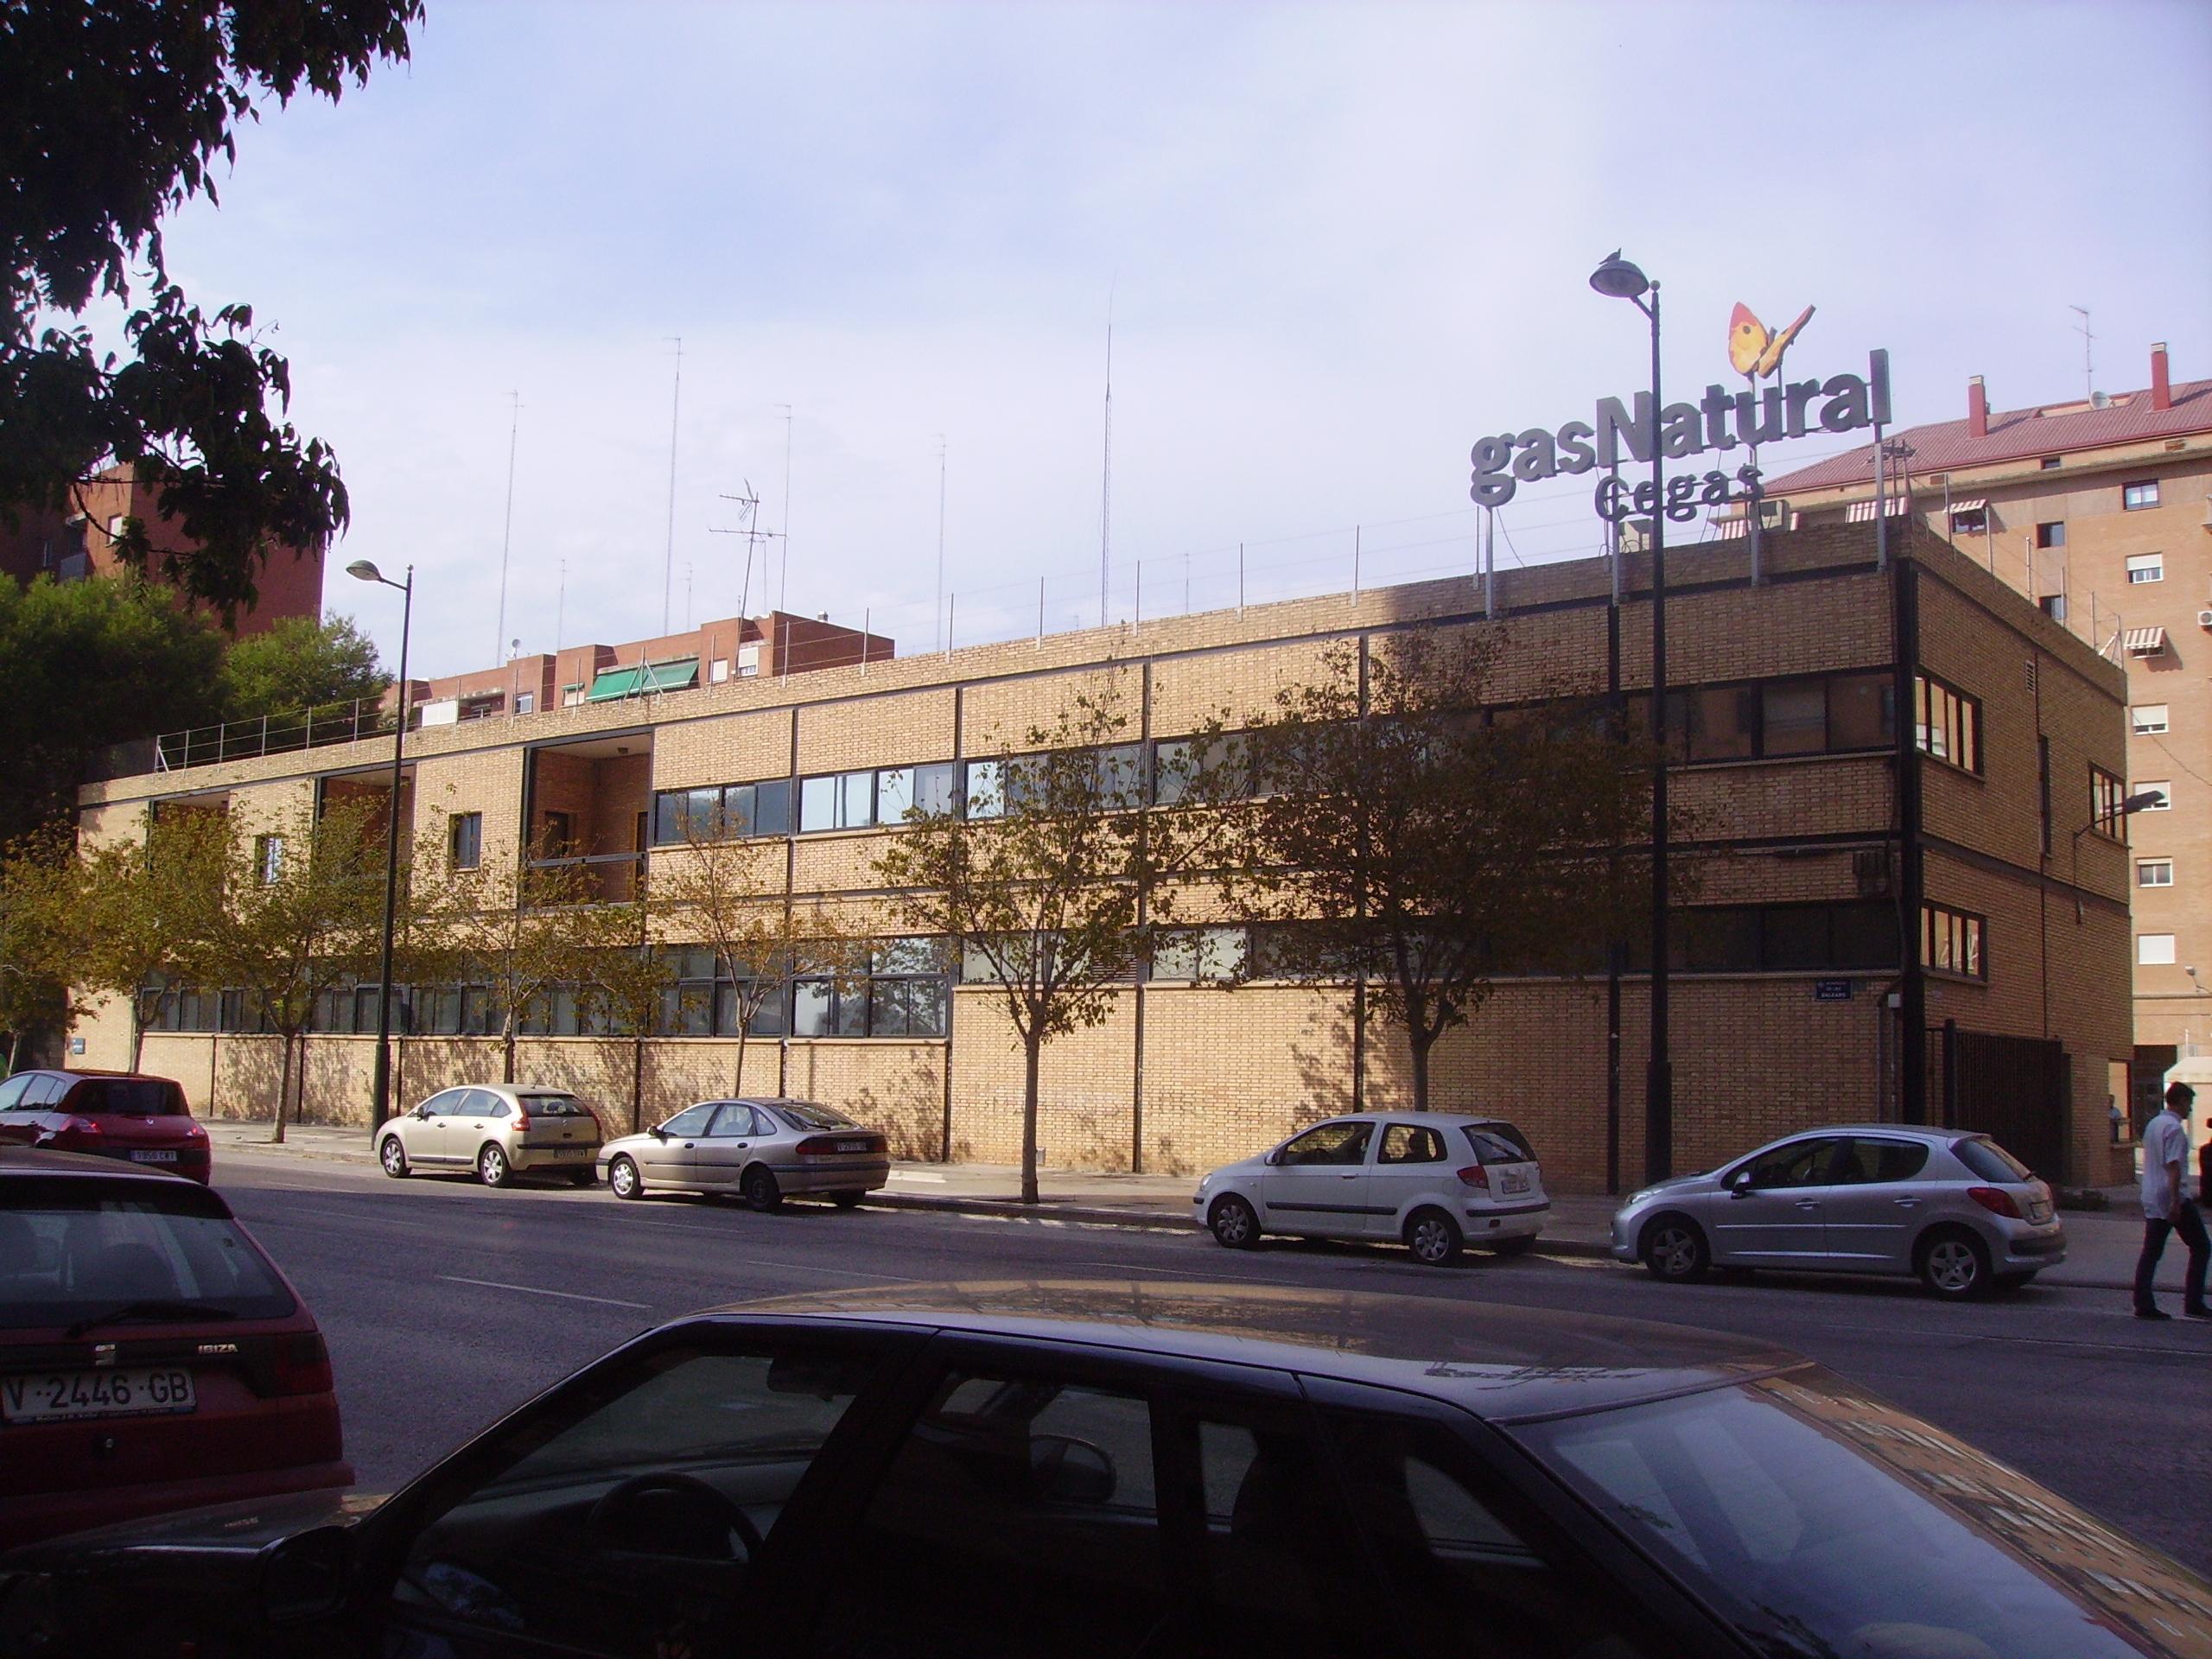 De gas natural en edificios como ya se apunt la for Oficina gas natural valencia